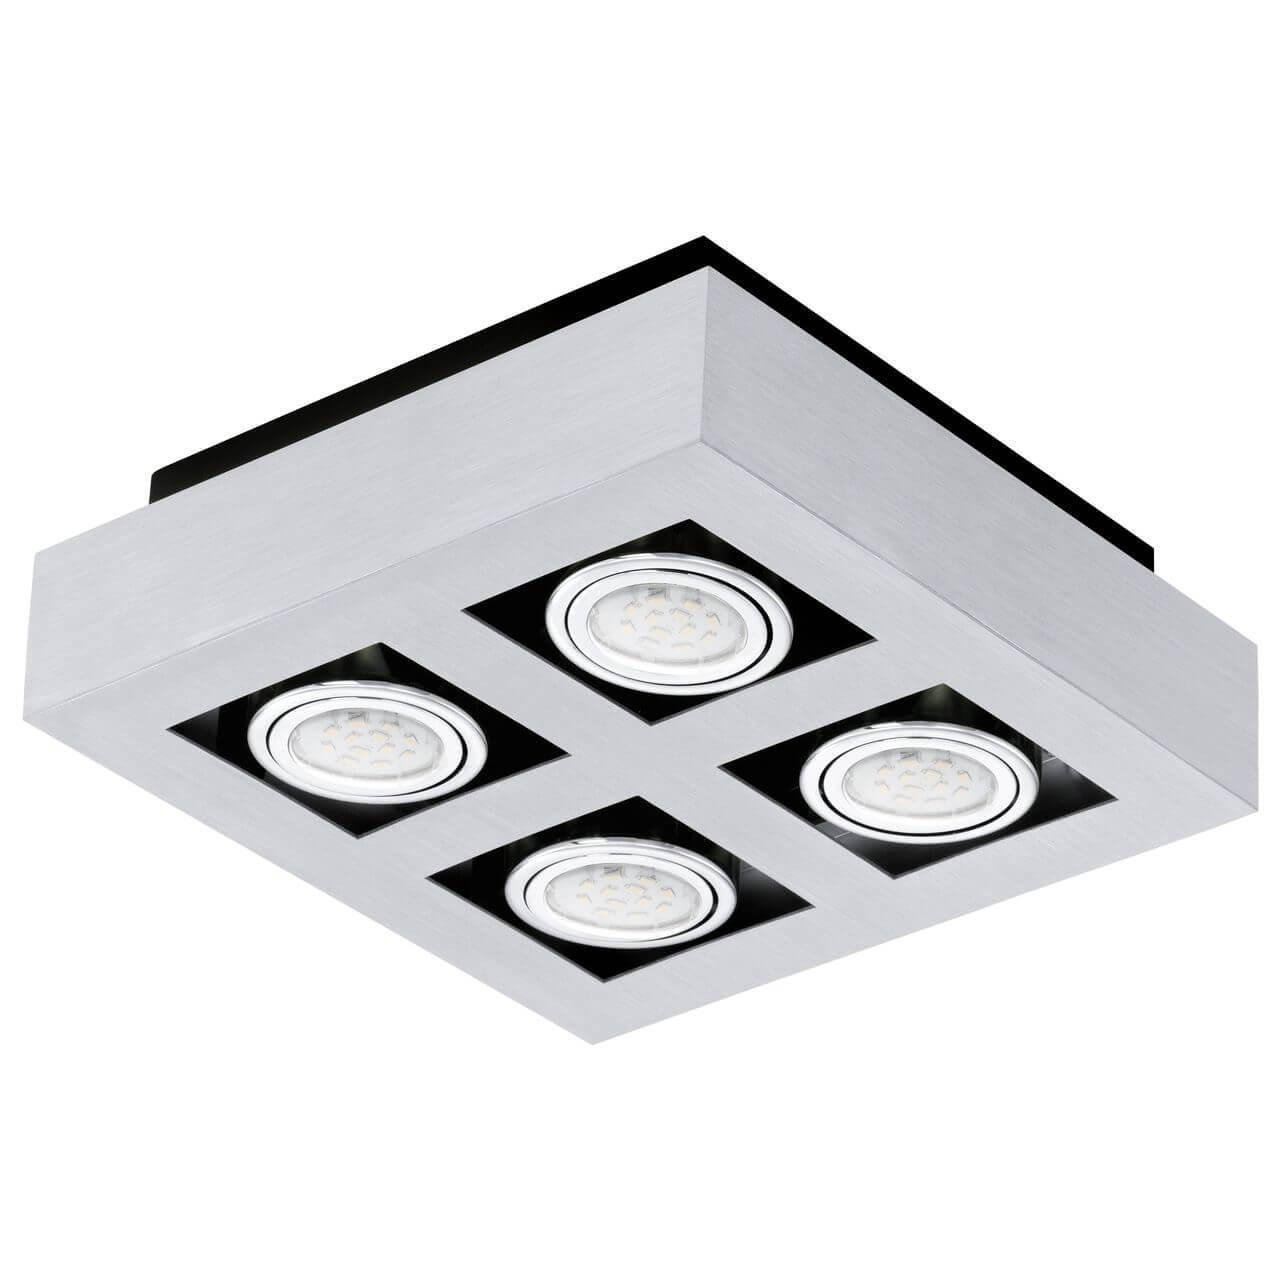 Настенно-потолочный светильник Eglo 91355, GU10, 5 Вт цены